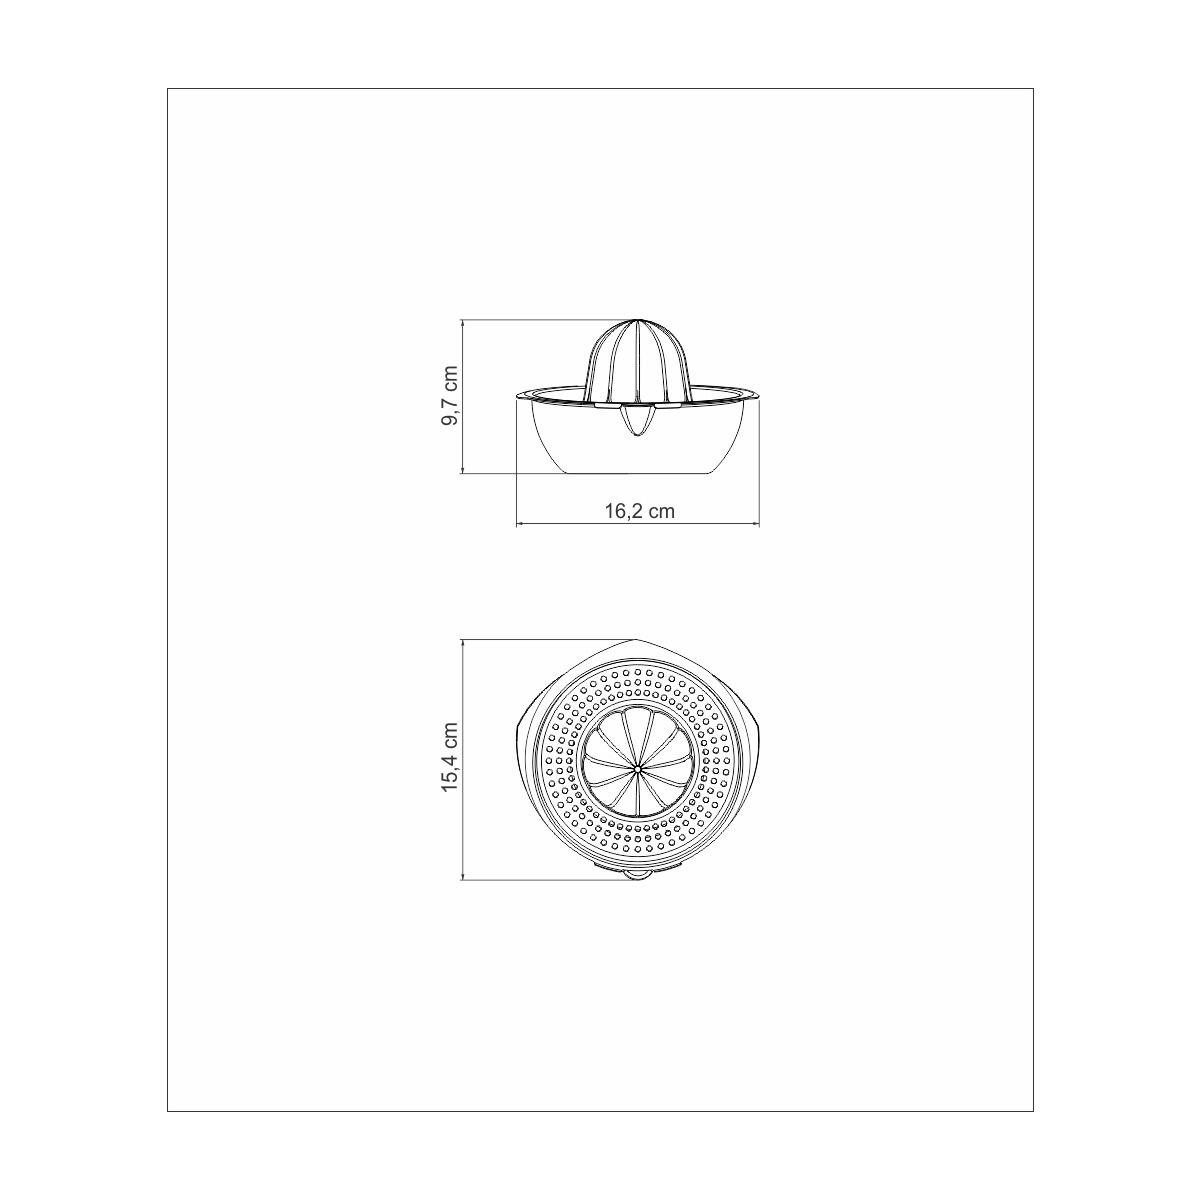 Espremedor de Frutas Tramontina Utility em Aço Inox 61107/140 | Lojas Estrela